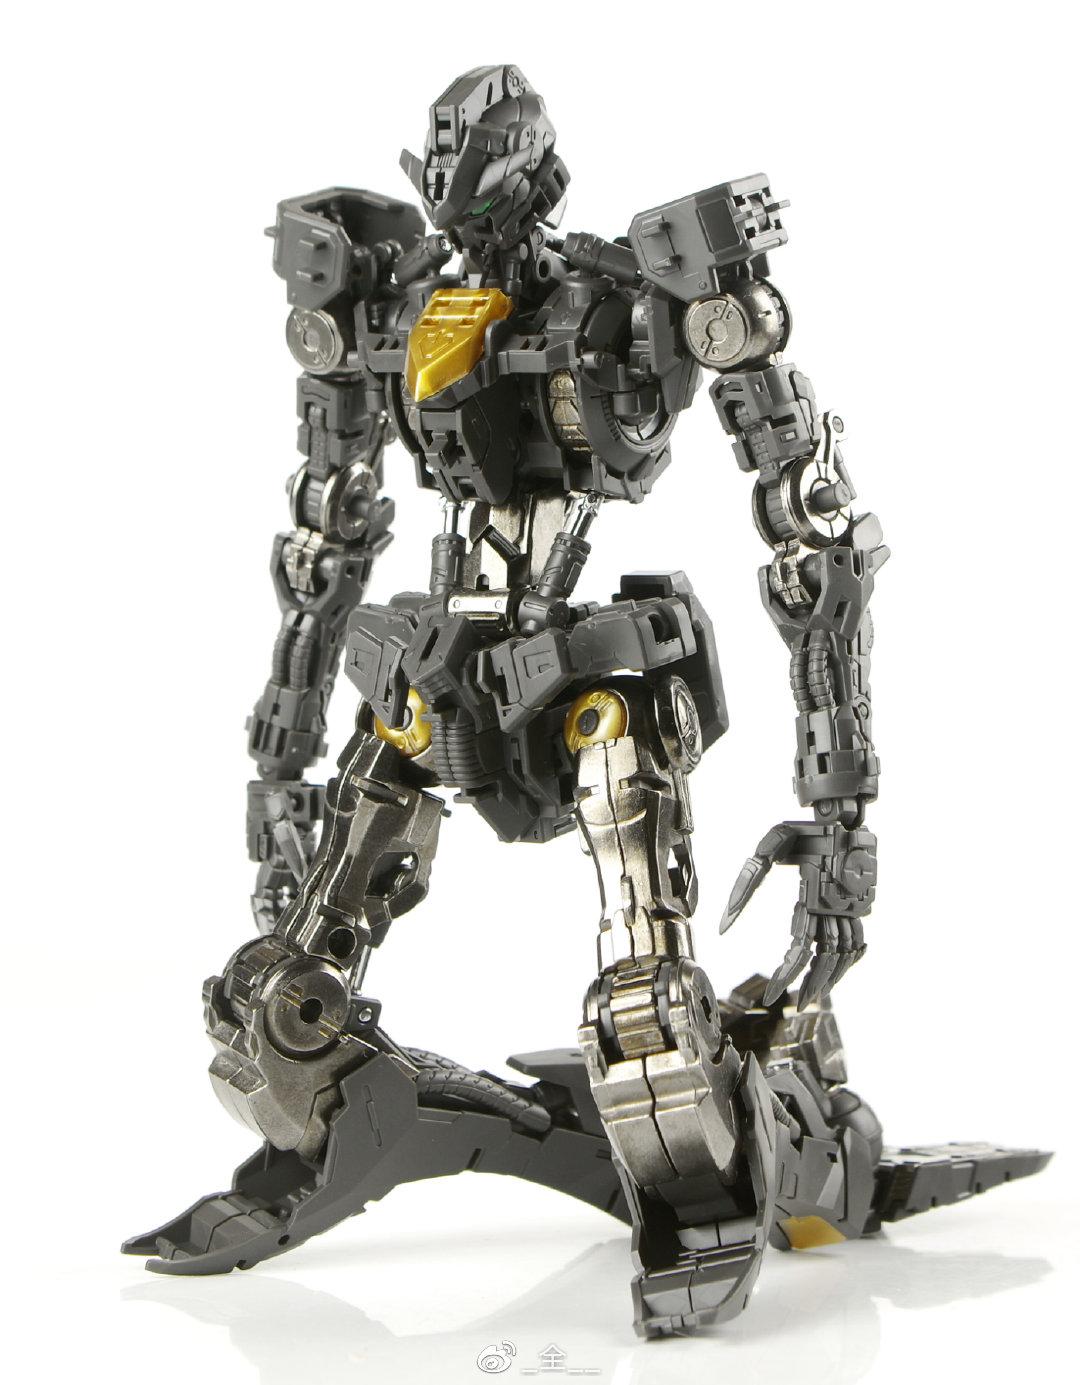 M103_mg_barbatos_metal_frame_parts_set_009_042.jpg